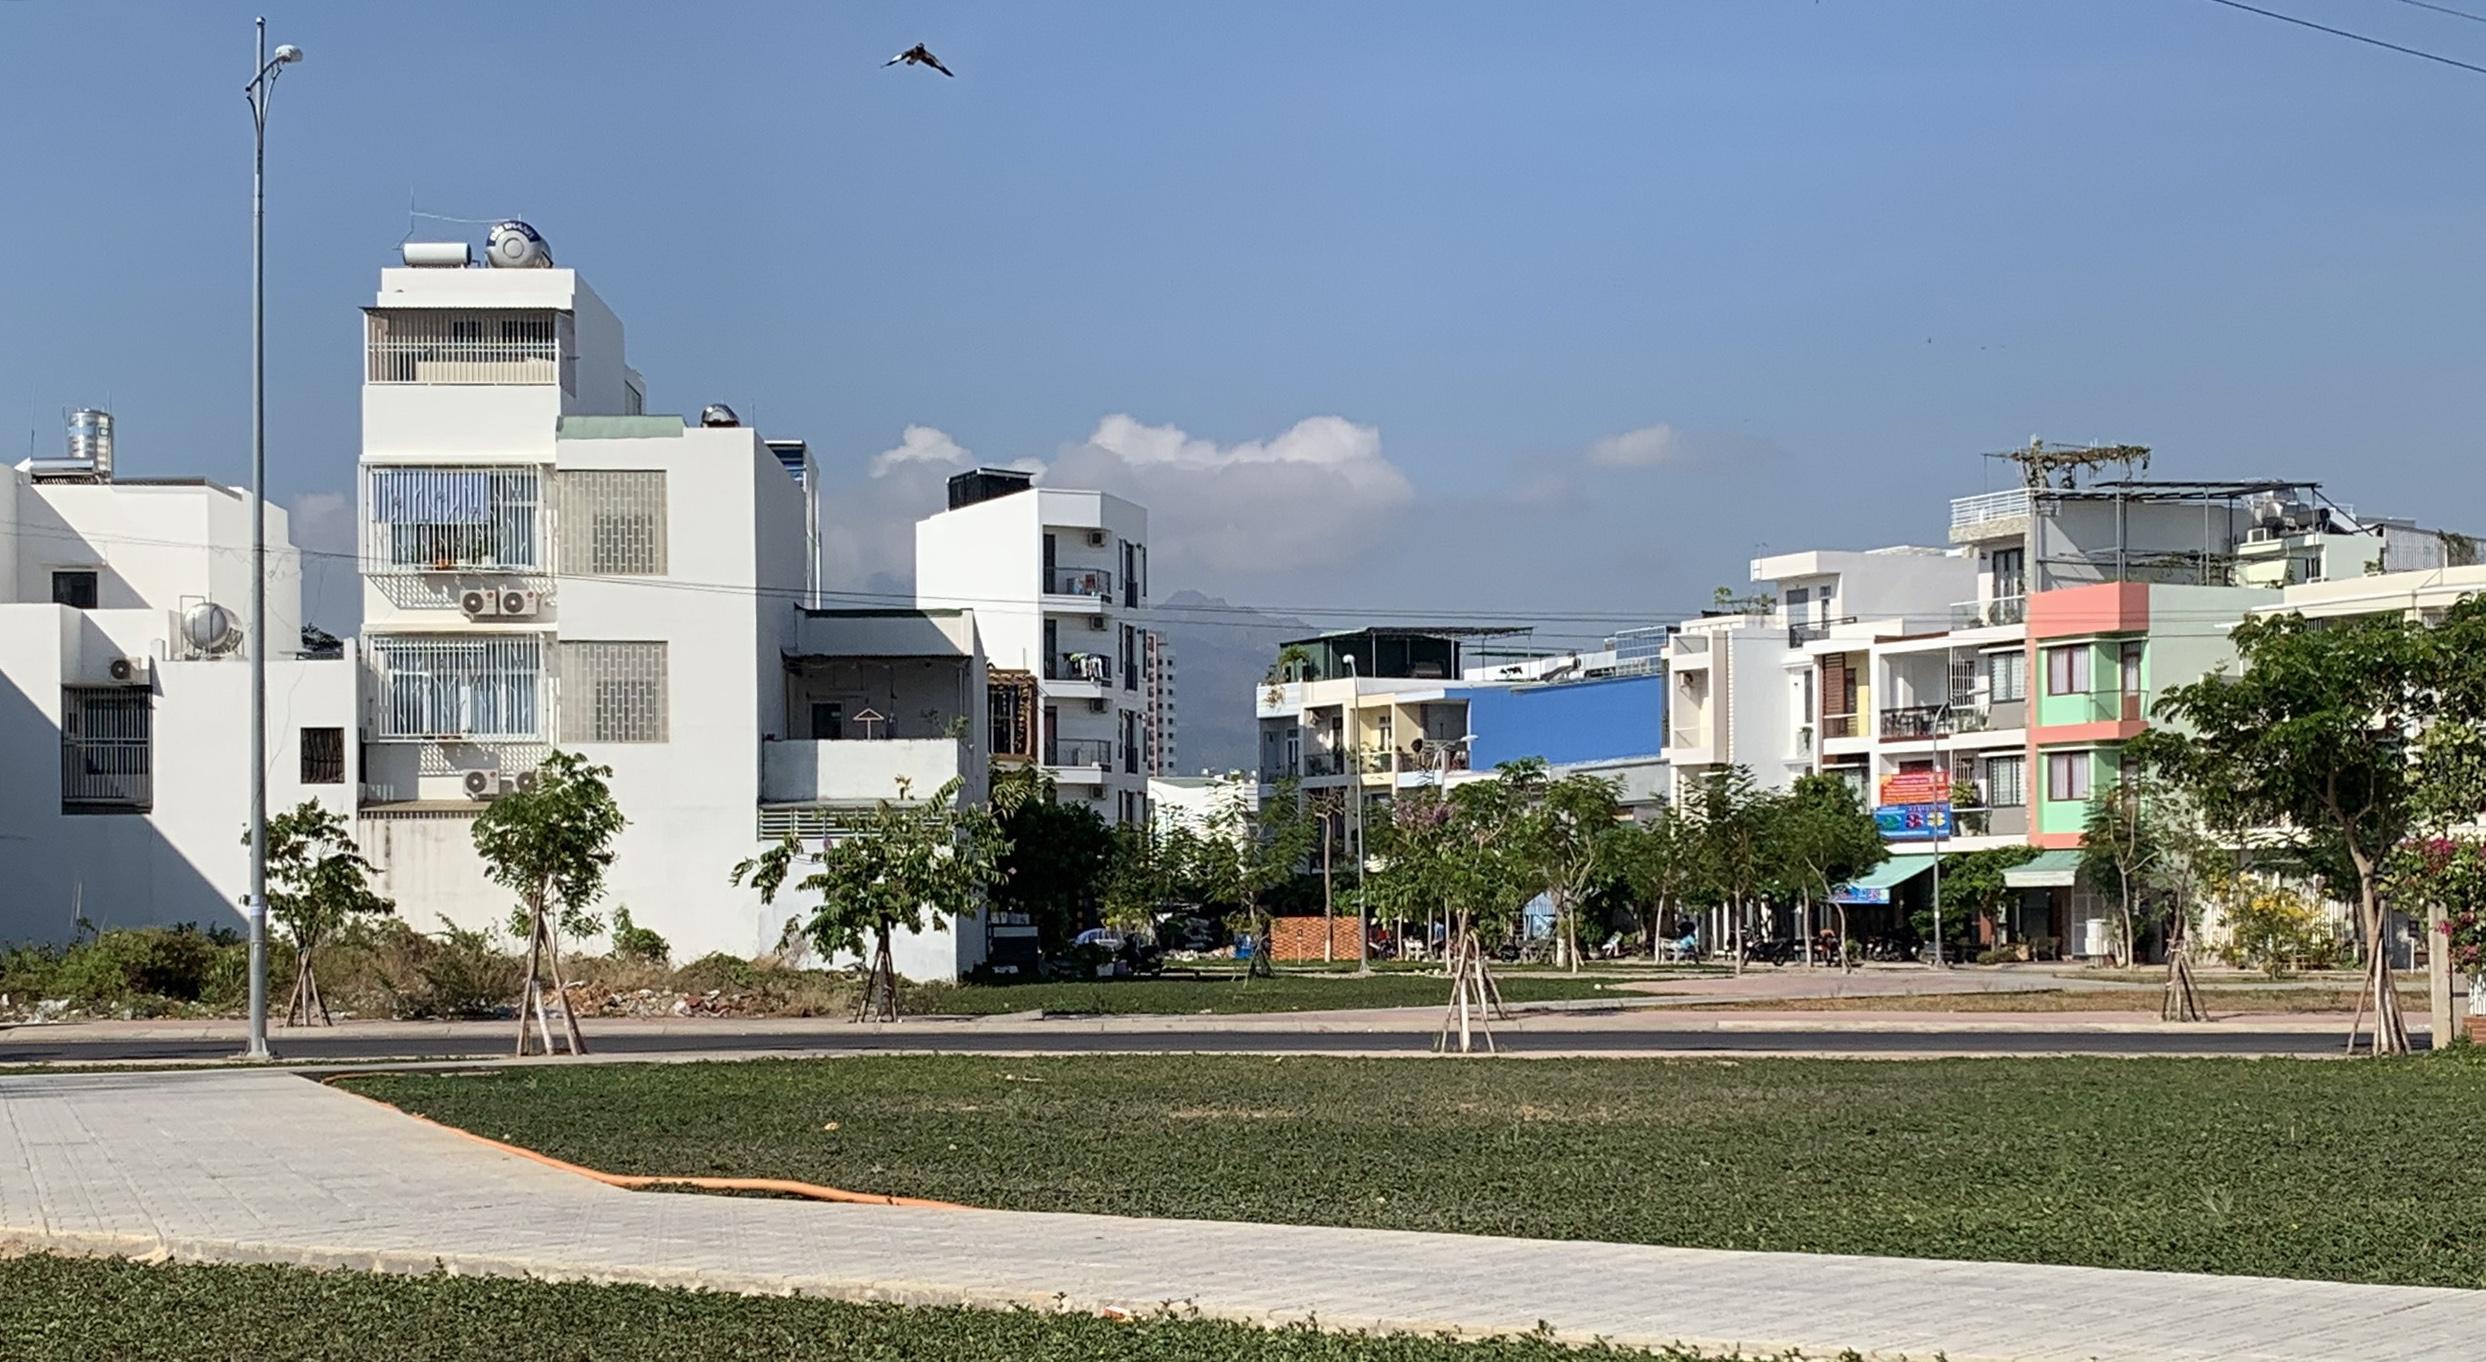 Không được cấp giấy chứng nhận quyền sử dụng đất, doanh nghiệp đòi UBND tỉnh Khánh Hòa 150 tỉ đồng - Ảnh 1.